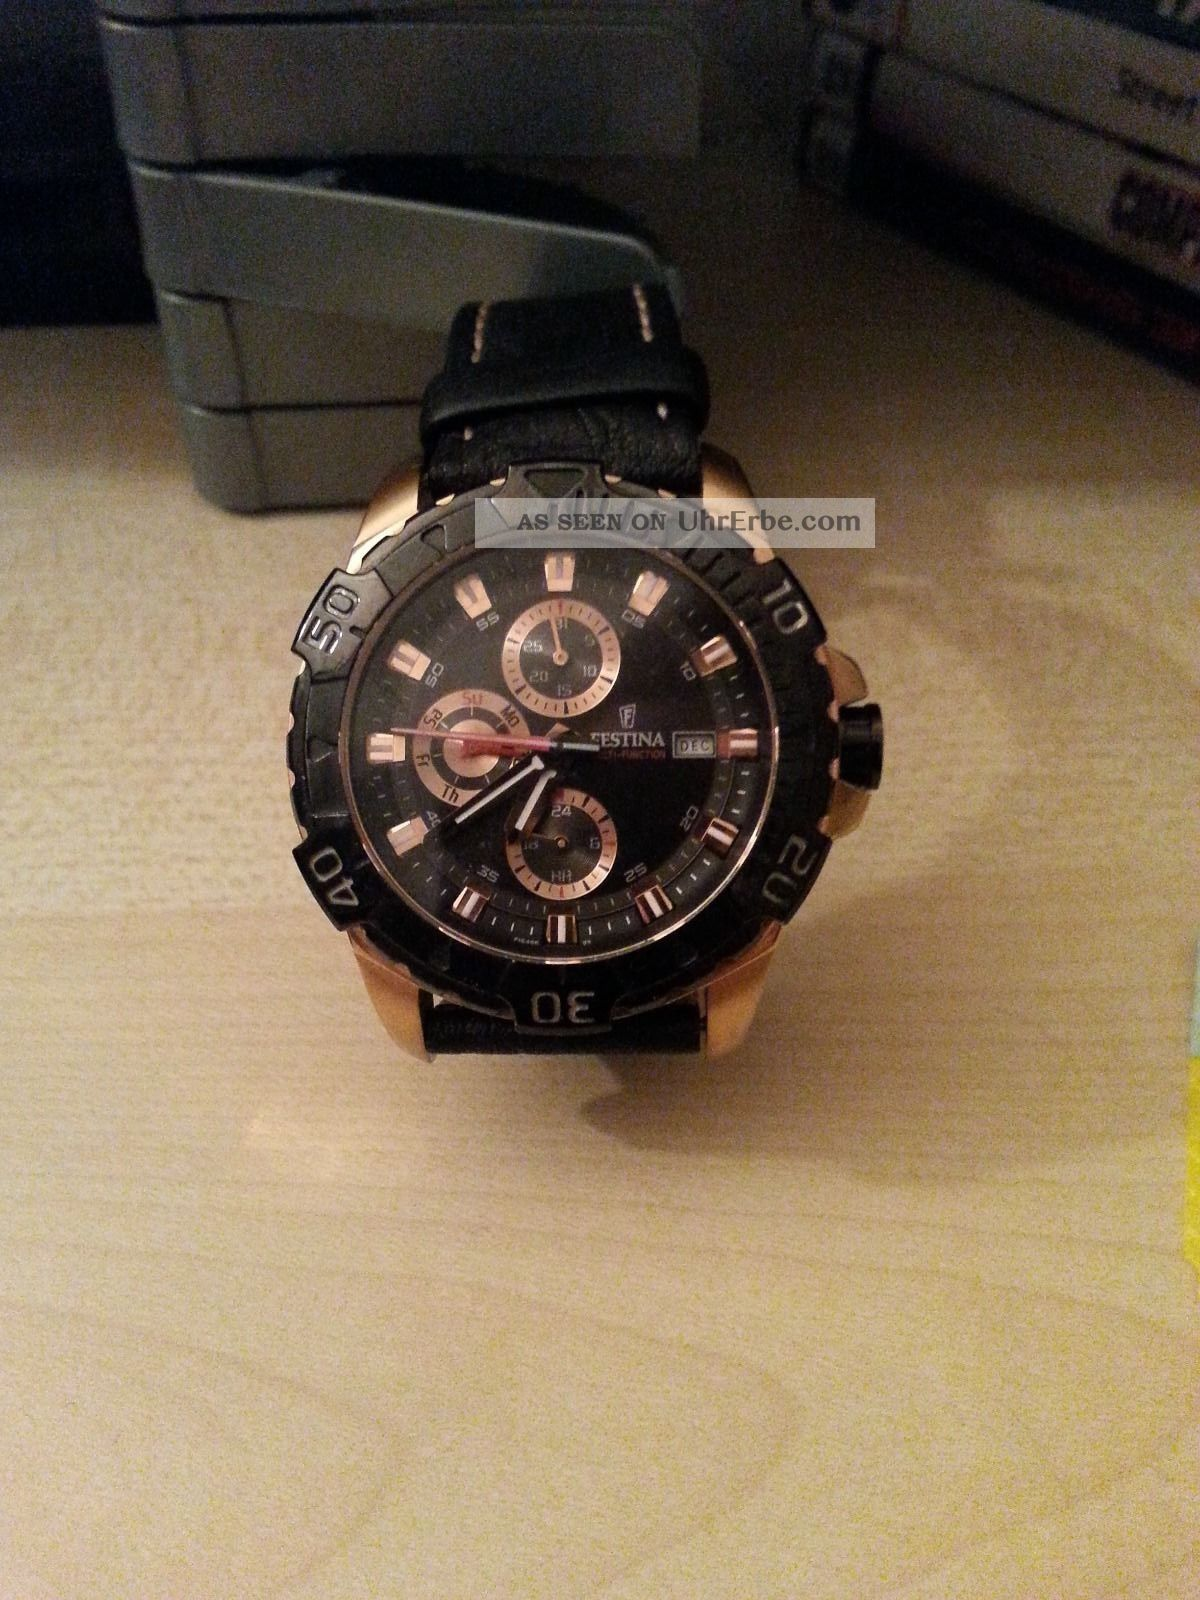 Festina Herrenuhr F16455 Armbanduhren Bild